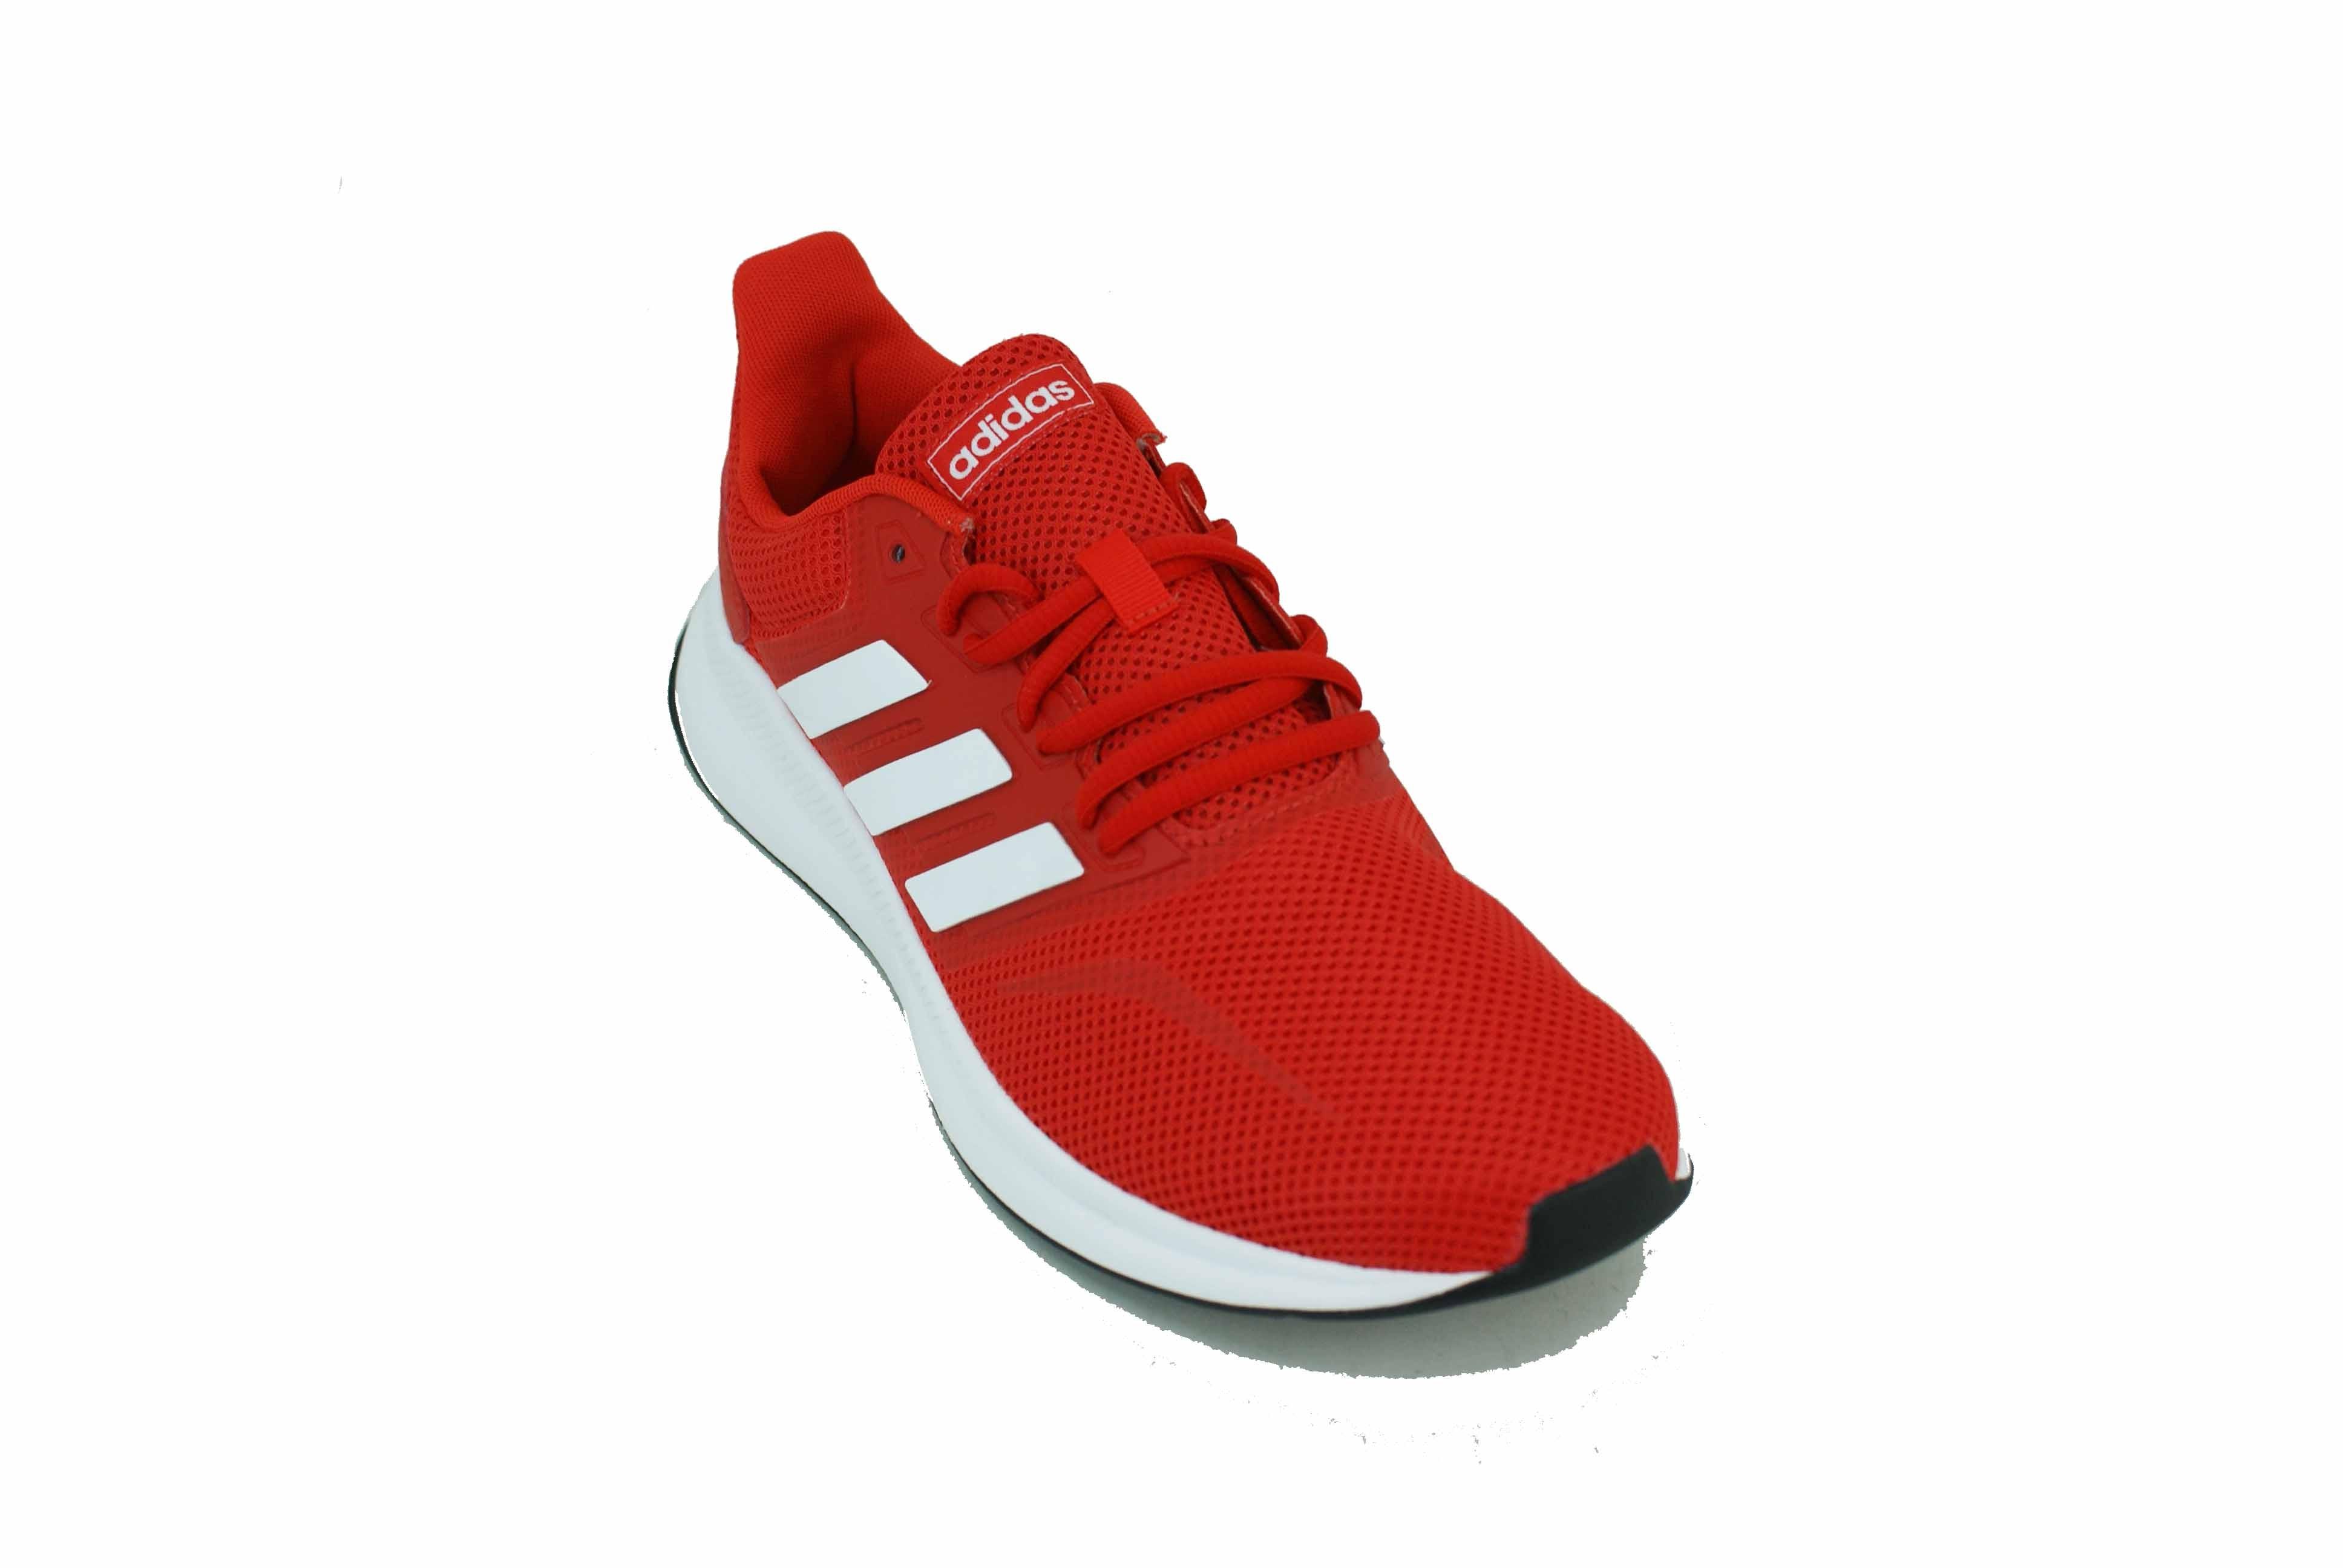 Electrónico Hacia abajo Antagonismo  Zapatilla Adidas Runfalcon Rojo/Blanco Hombre - Zapatillas - E-Shop